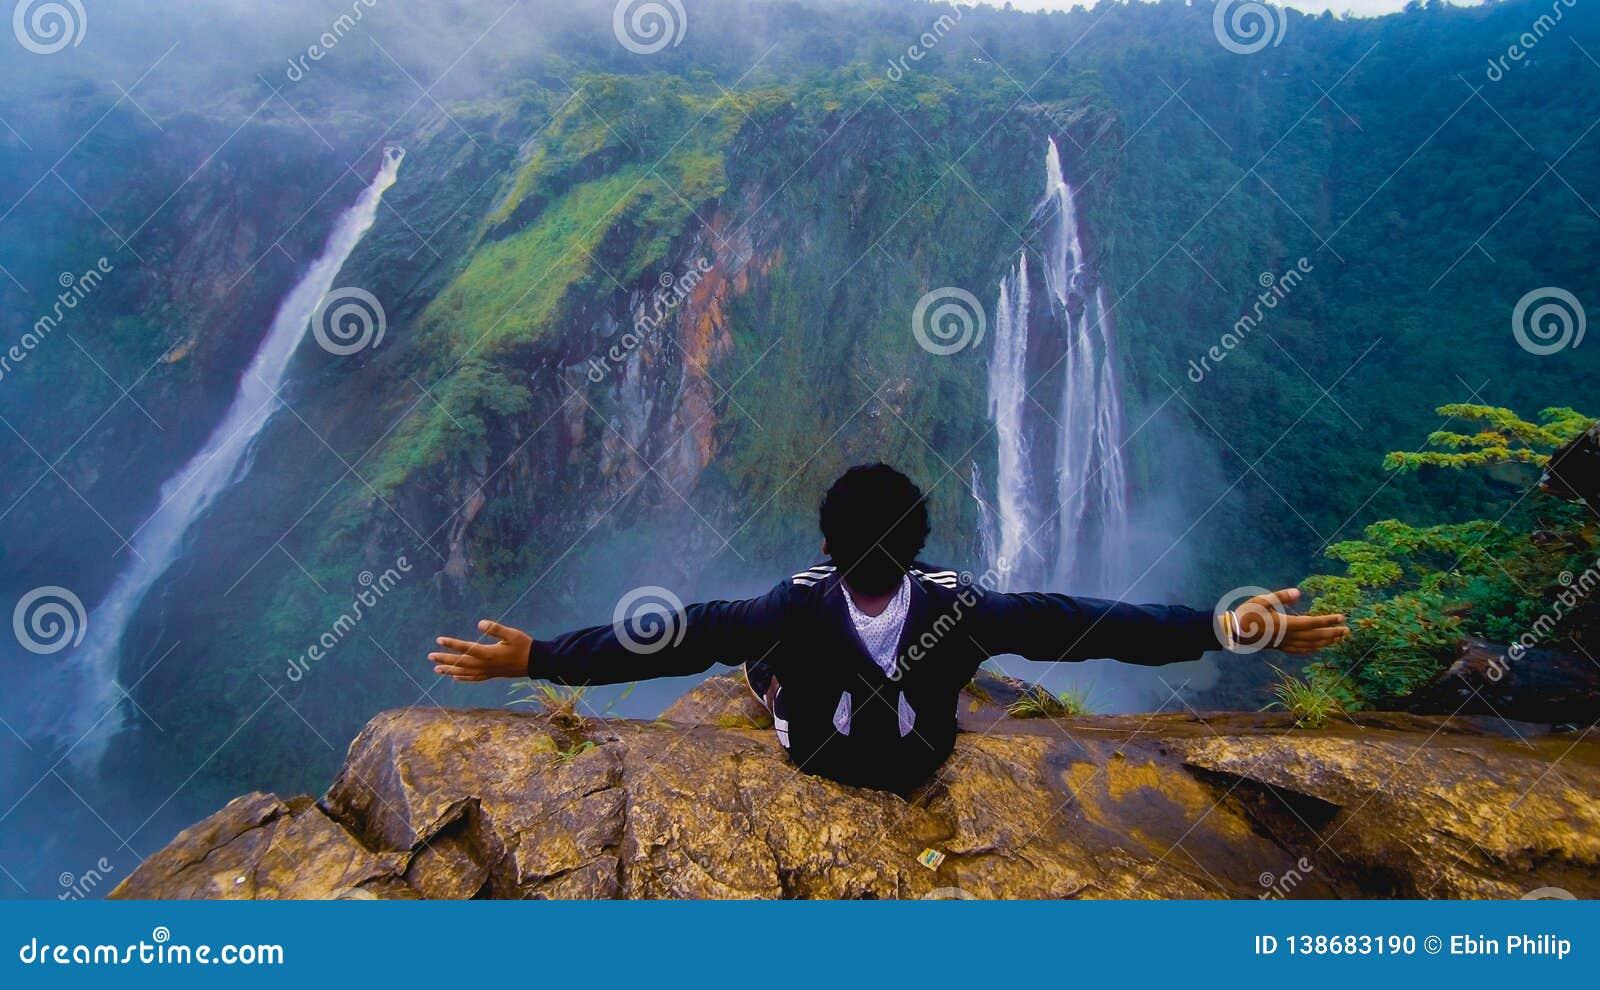 Jog falls . guy enjoying the beautiful nature view